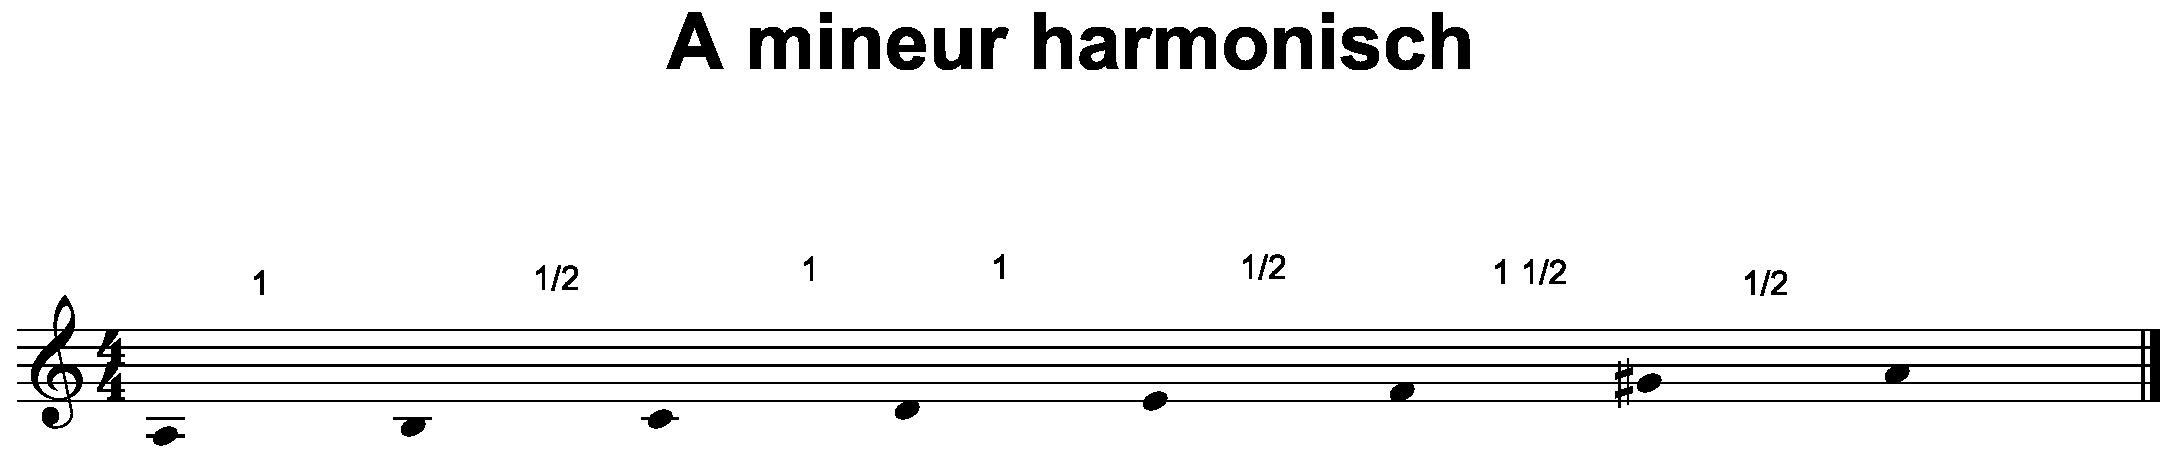 Theorieboek A mineurladder harmonisch